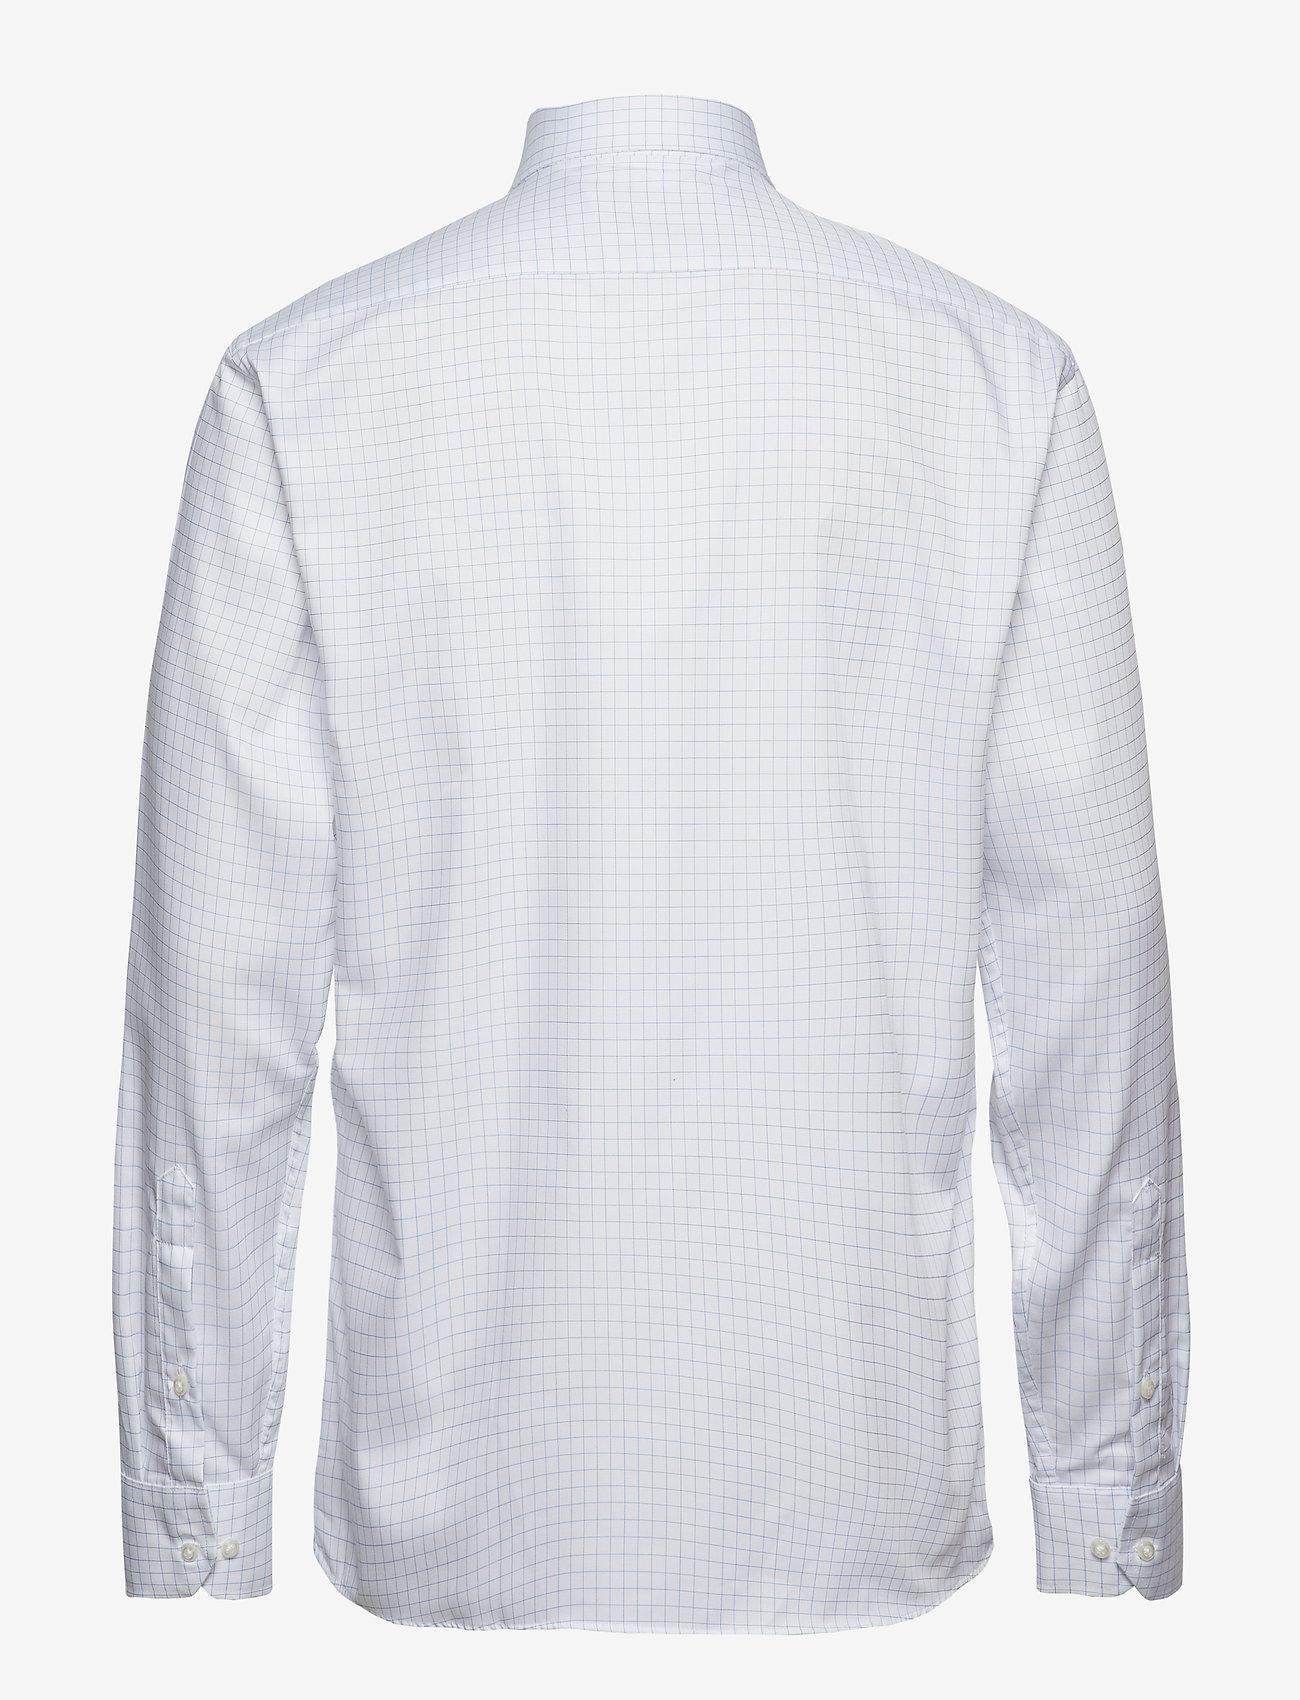 Seven Seas Copenhagen Fine Twill   Check   L/S, Modern fit - Skjorter LIGHT BLUE - Menn Klær